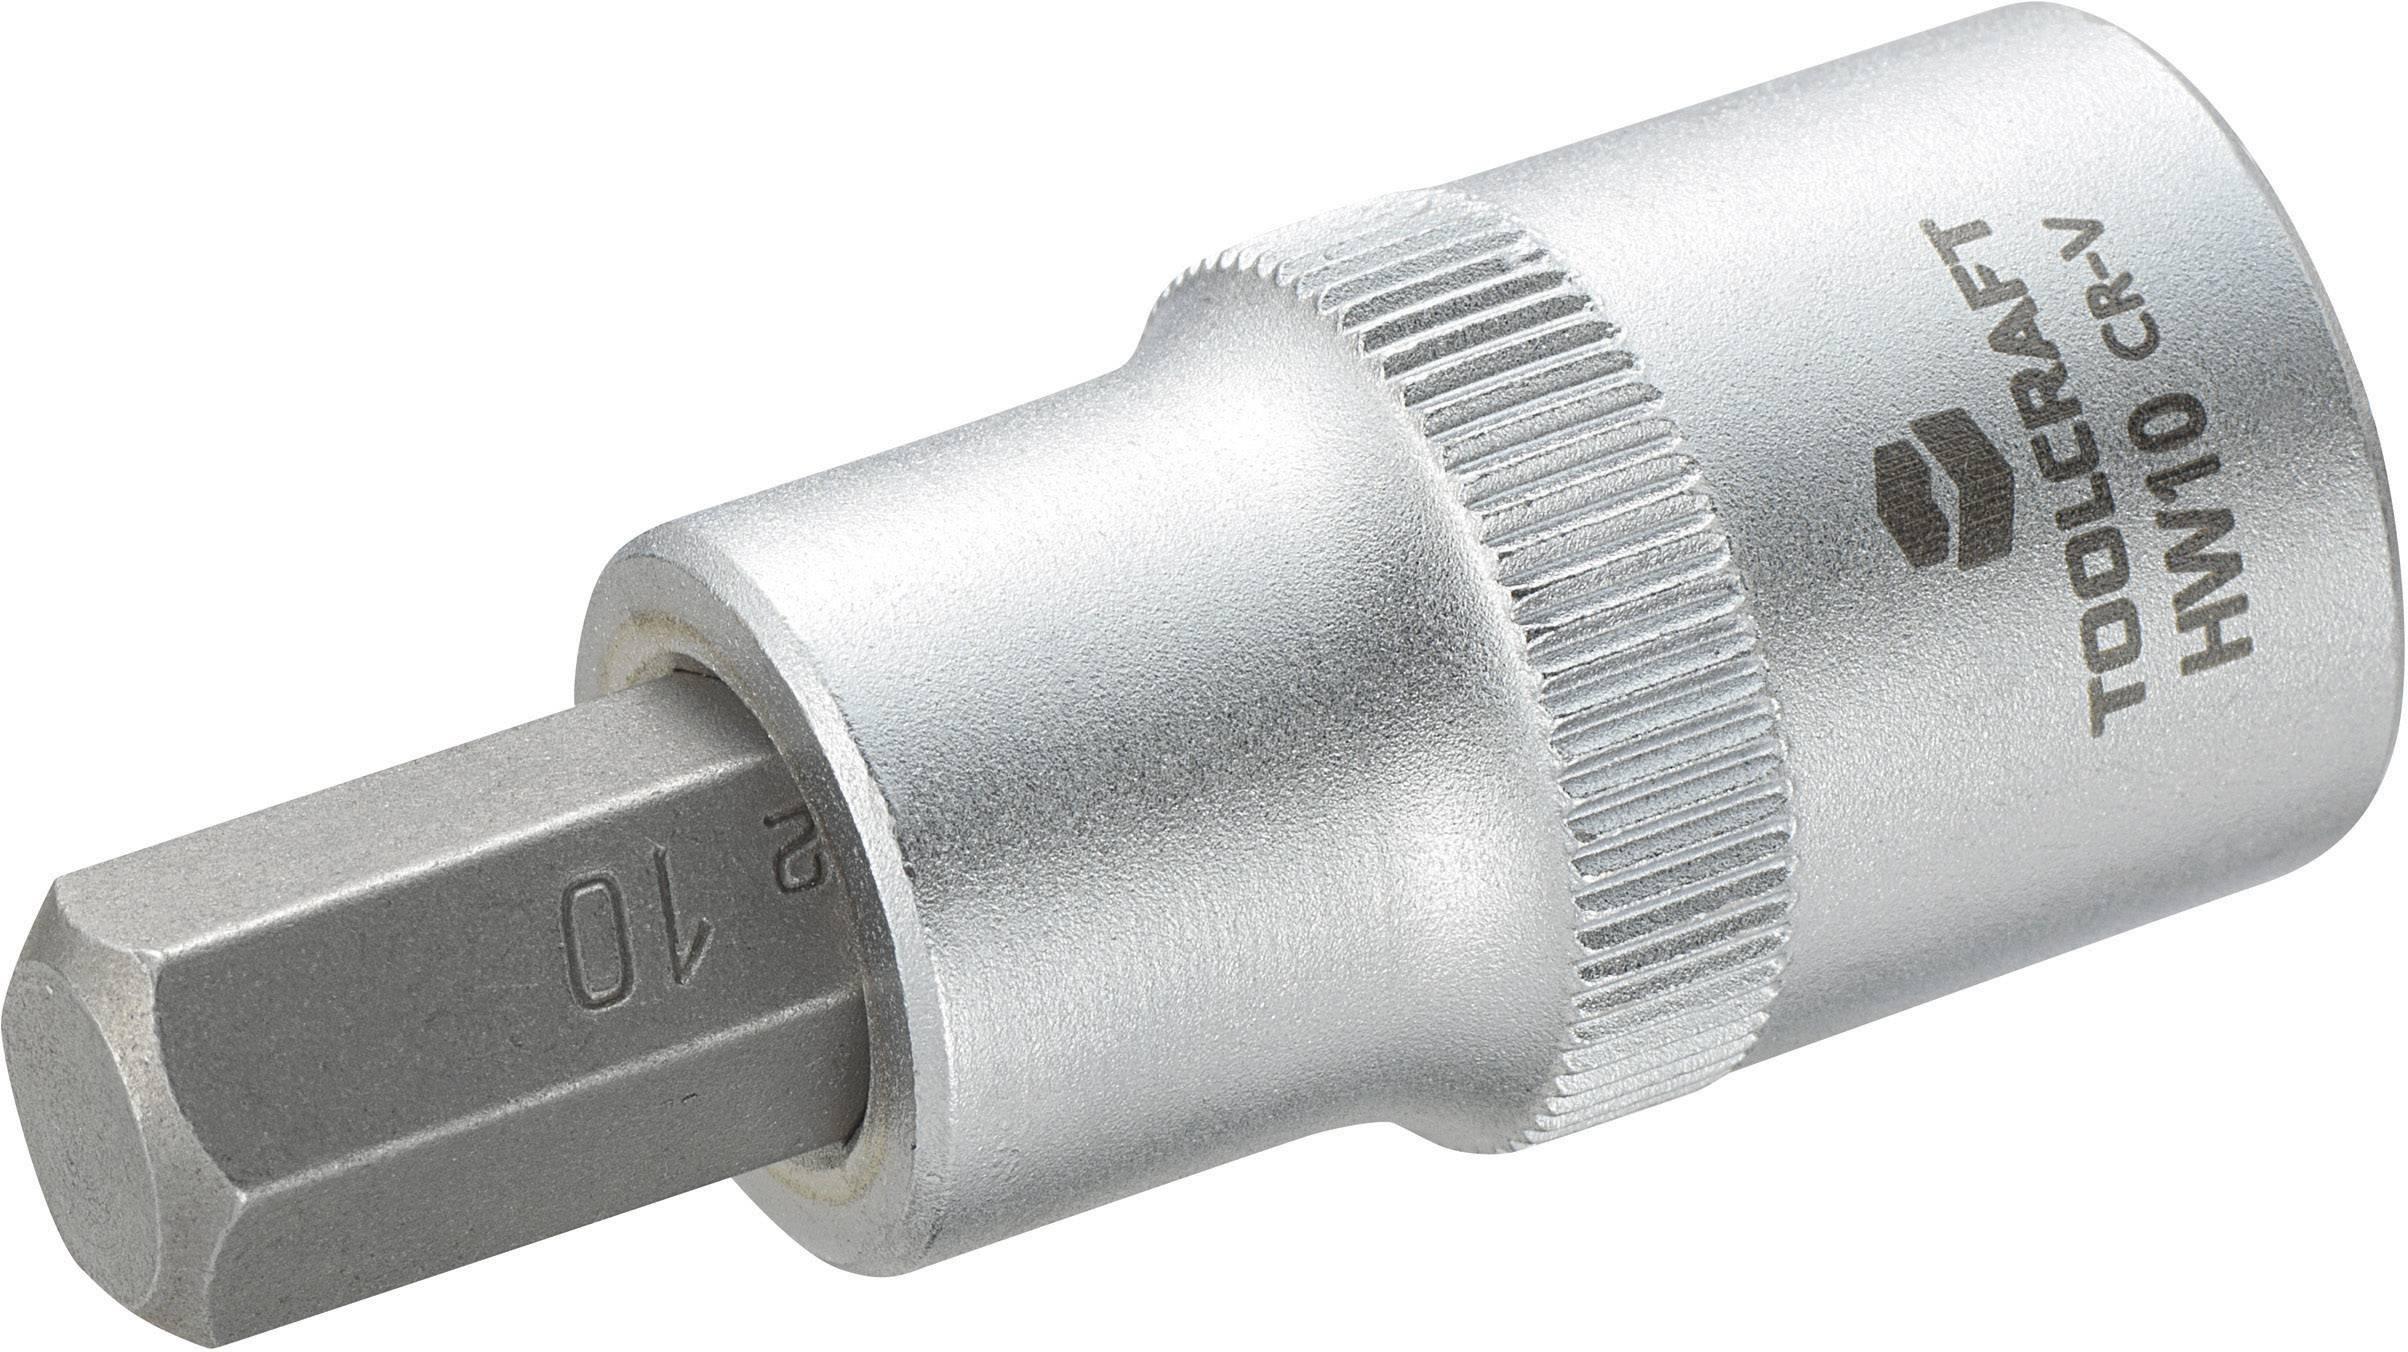 """Násada nástrčného klíče s šestihranným bitem, Toolcraft 816159, 12,5 mm (1/2"""")"""